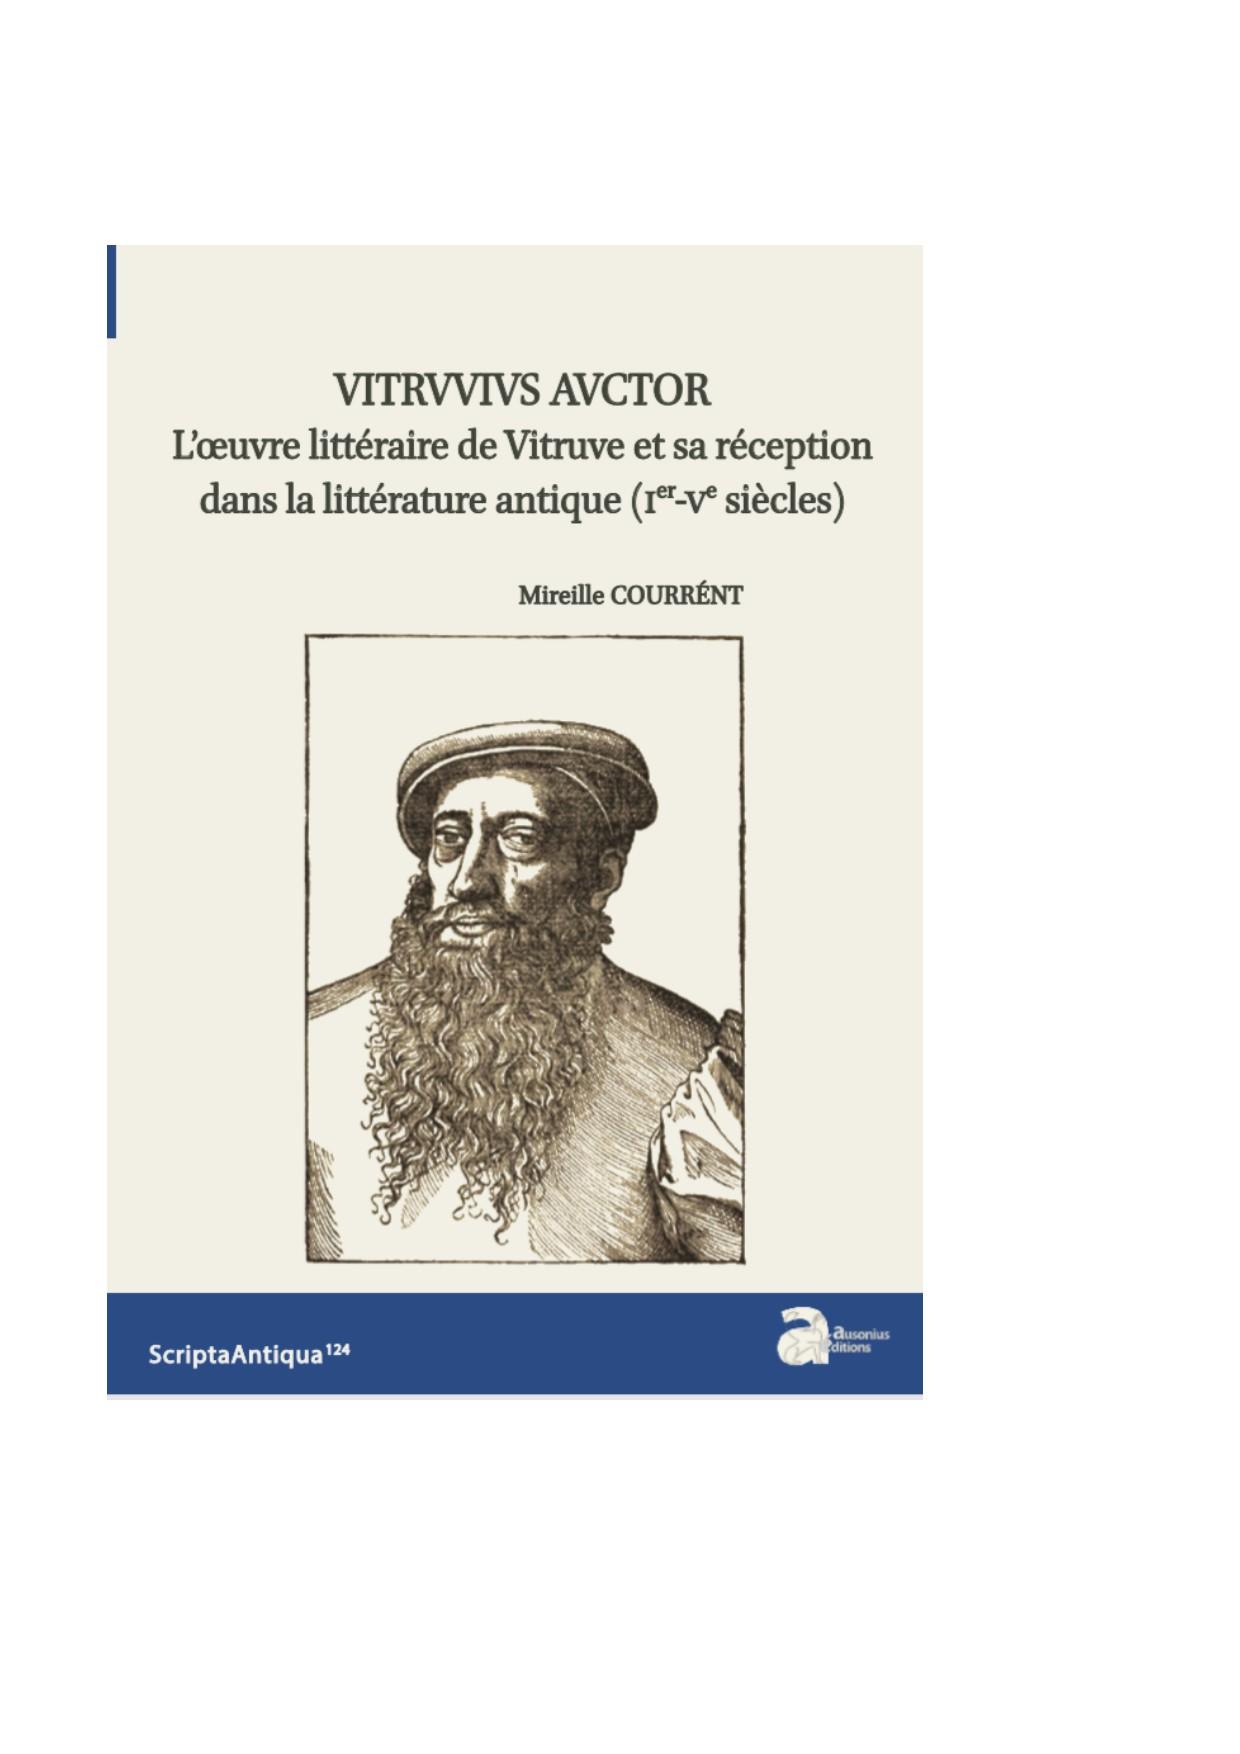 vitruvius_auctor.jpg